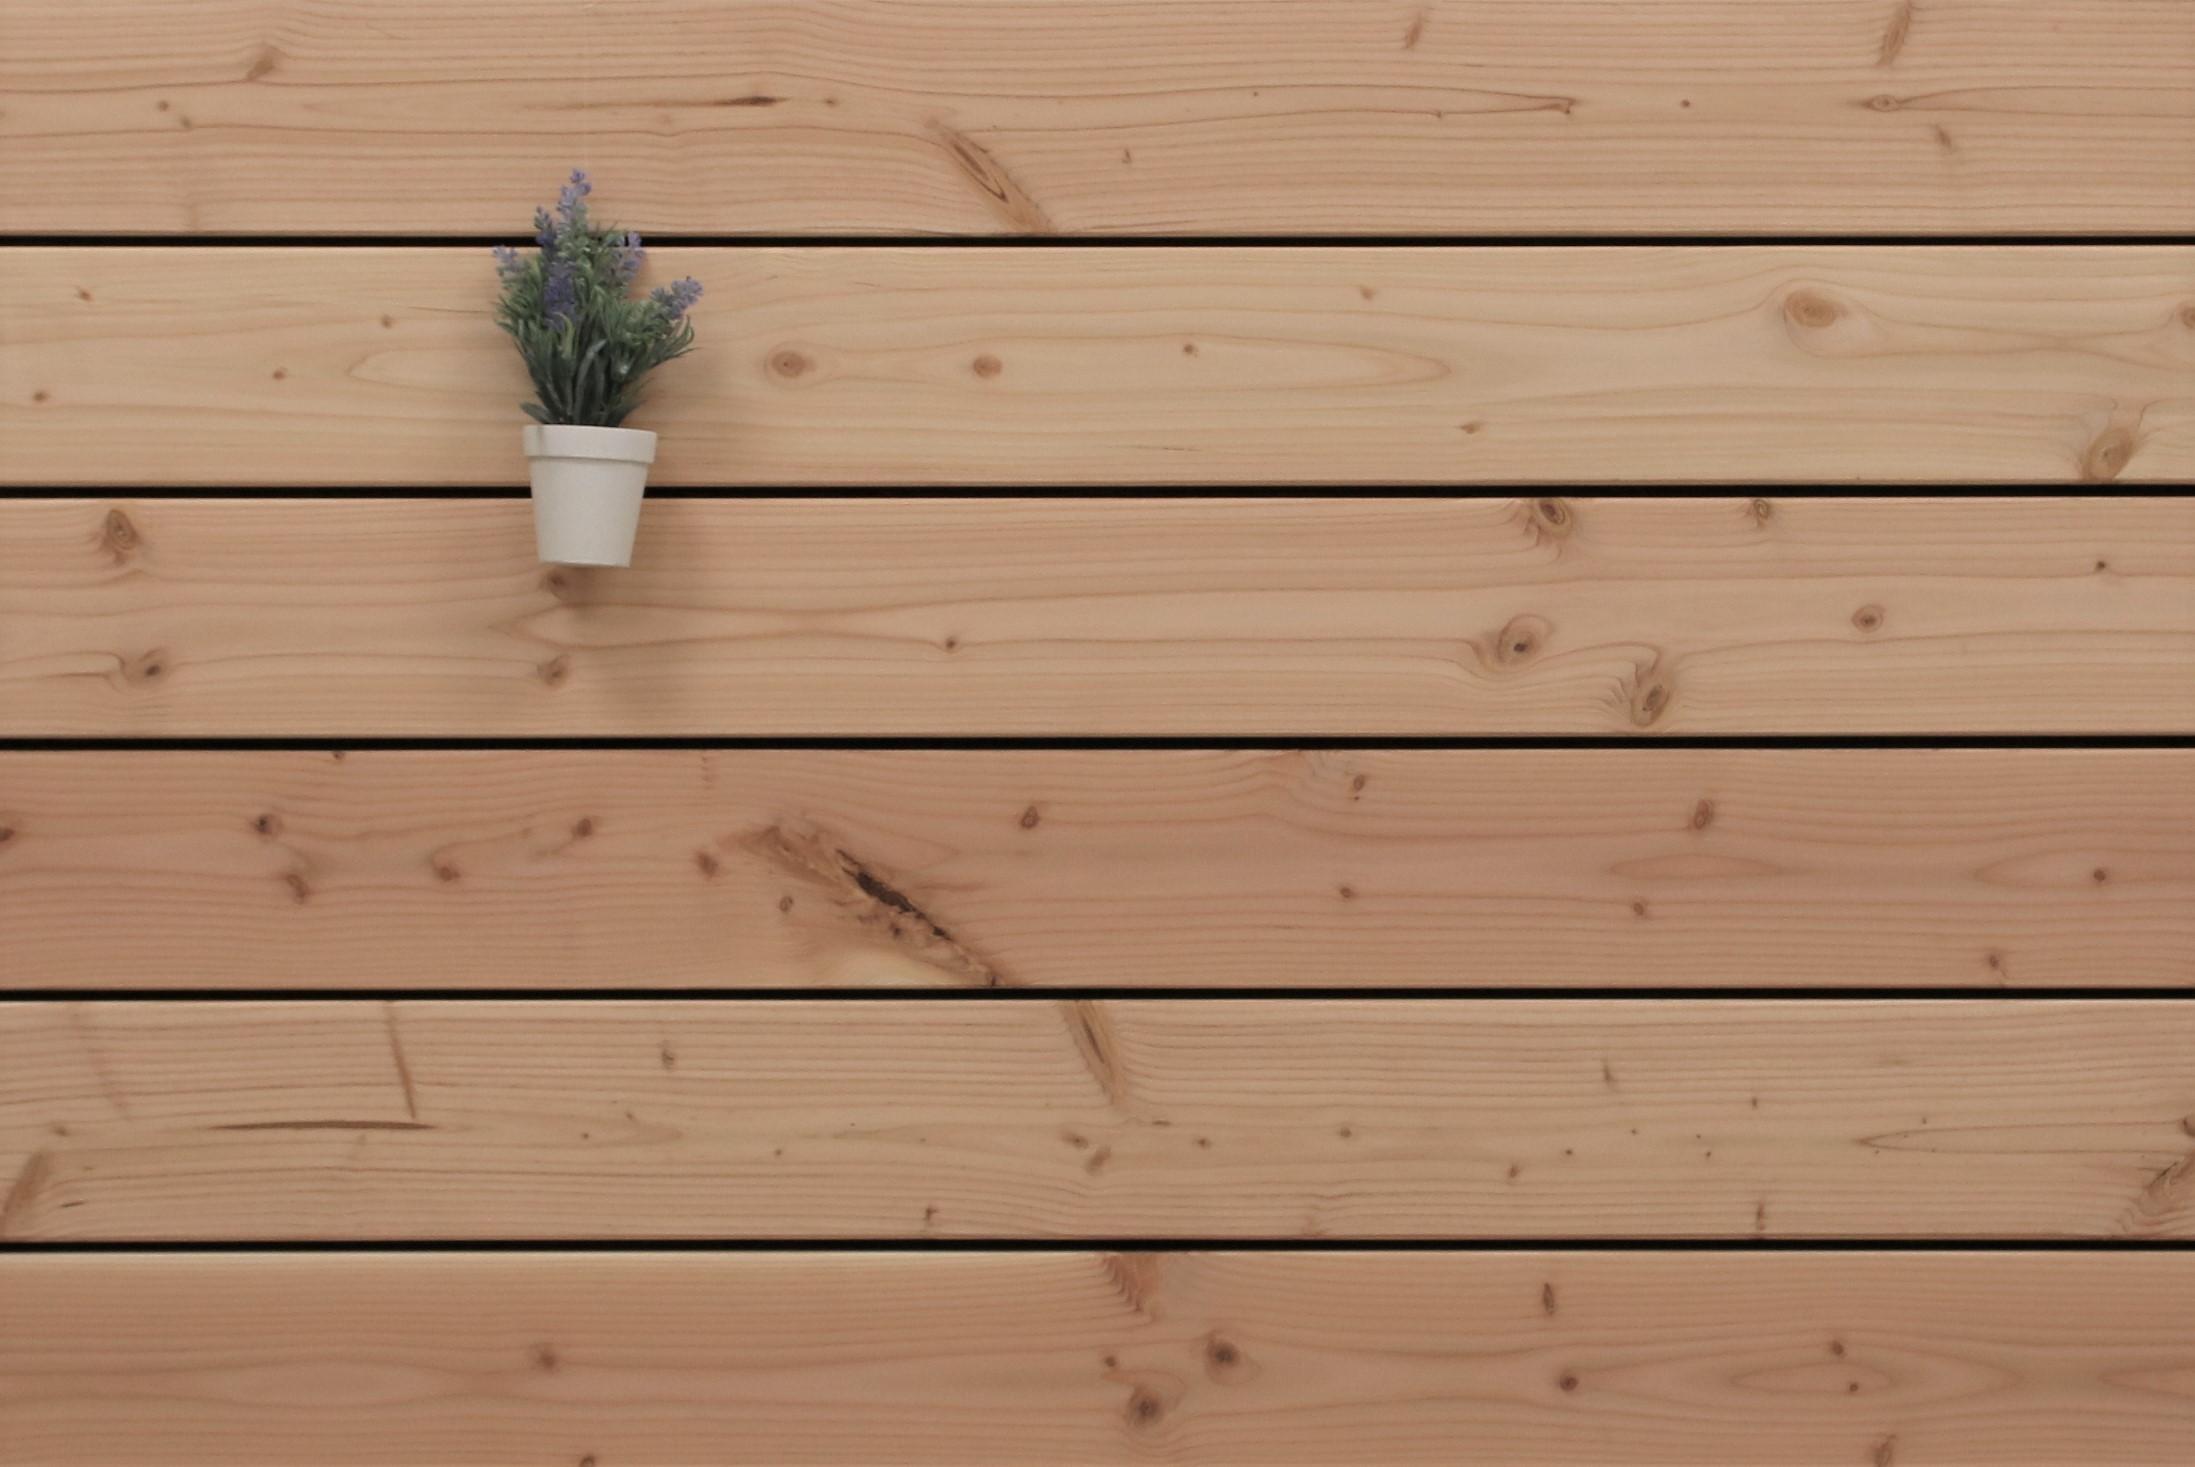 Angebot des Monats, Terrassendielen Douglasie, 26 x 143 bis 5000 mm, glatt für 3,80 €/lfm